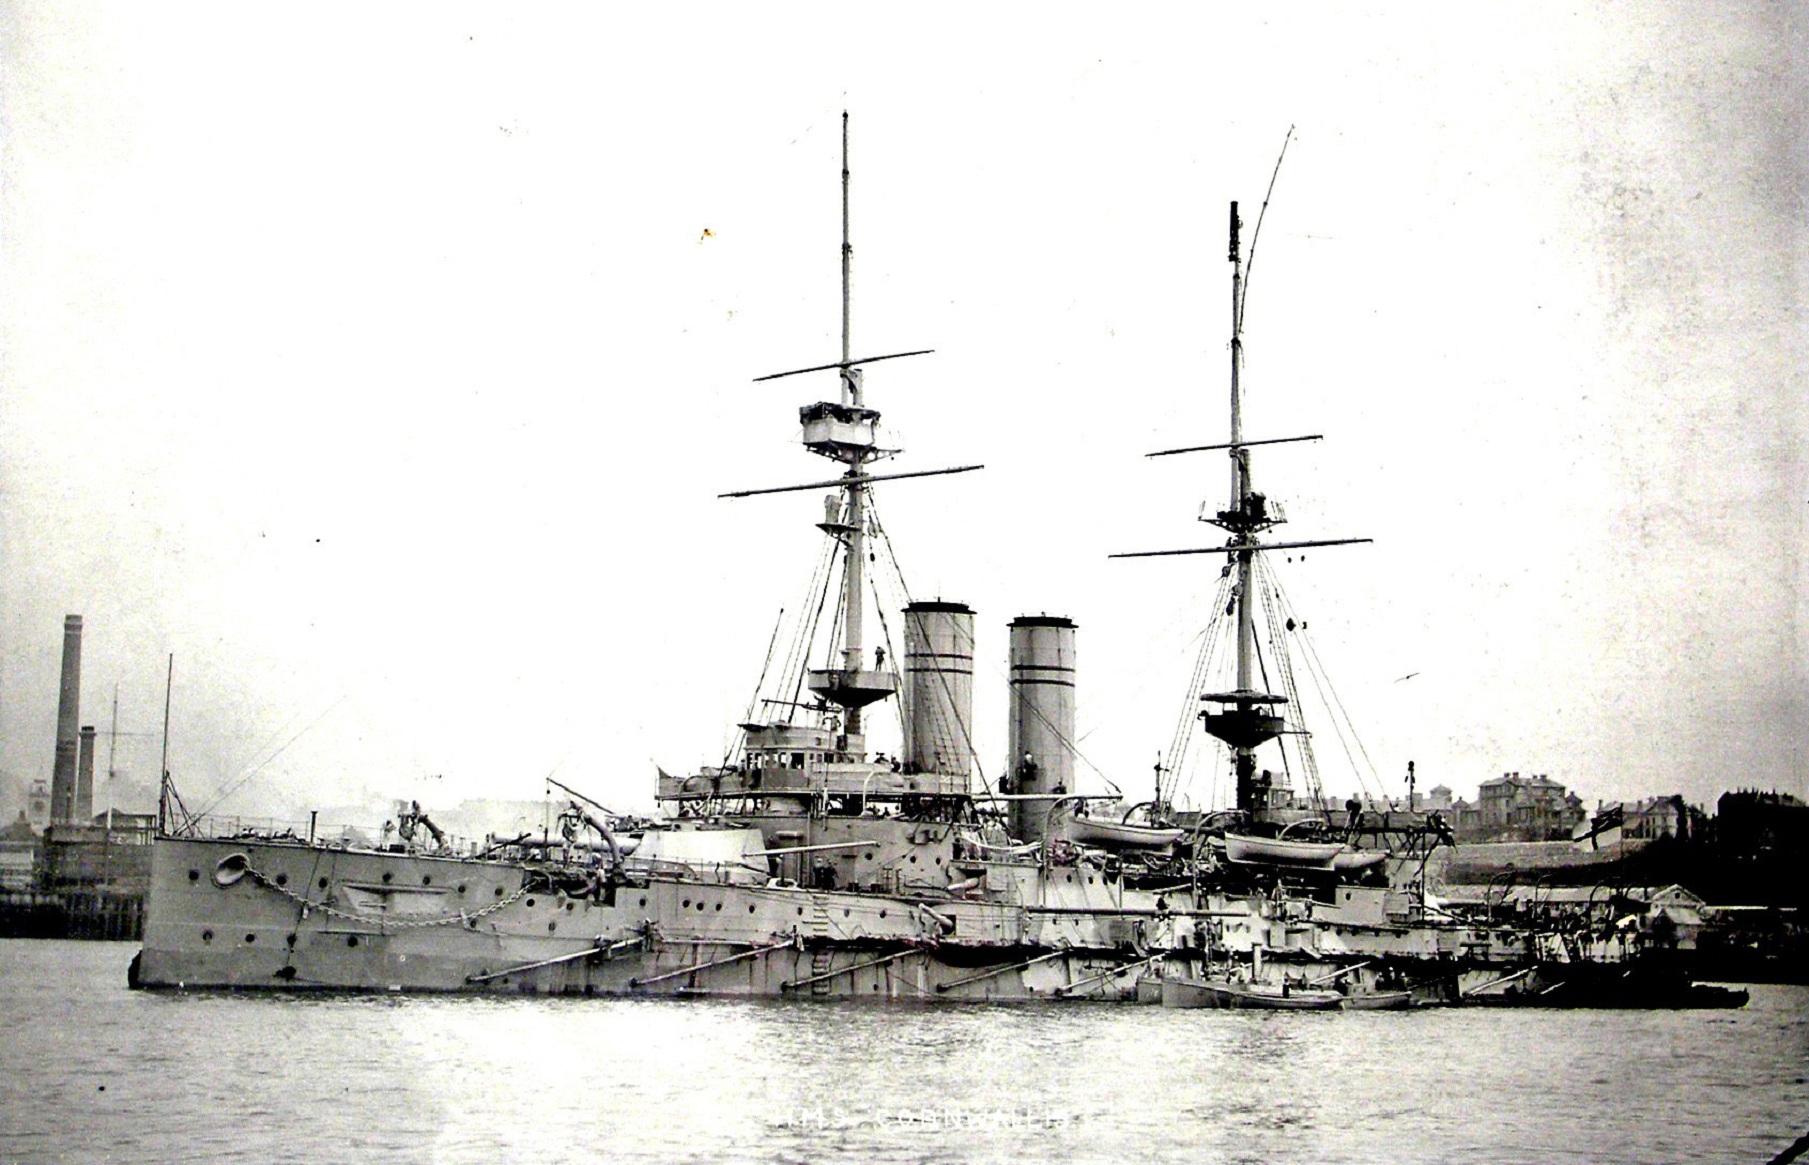 Cornwallis_1901-1917_01.jpg